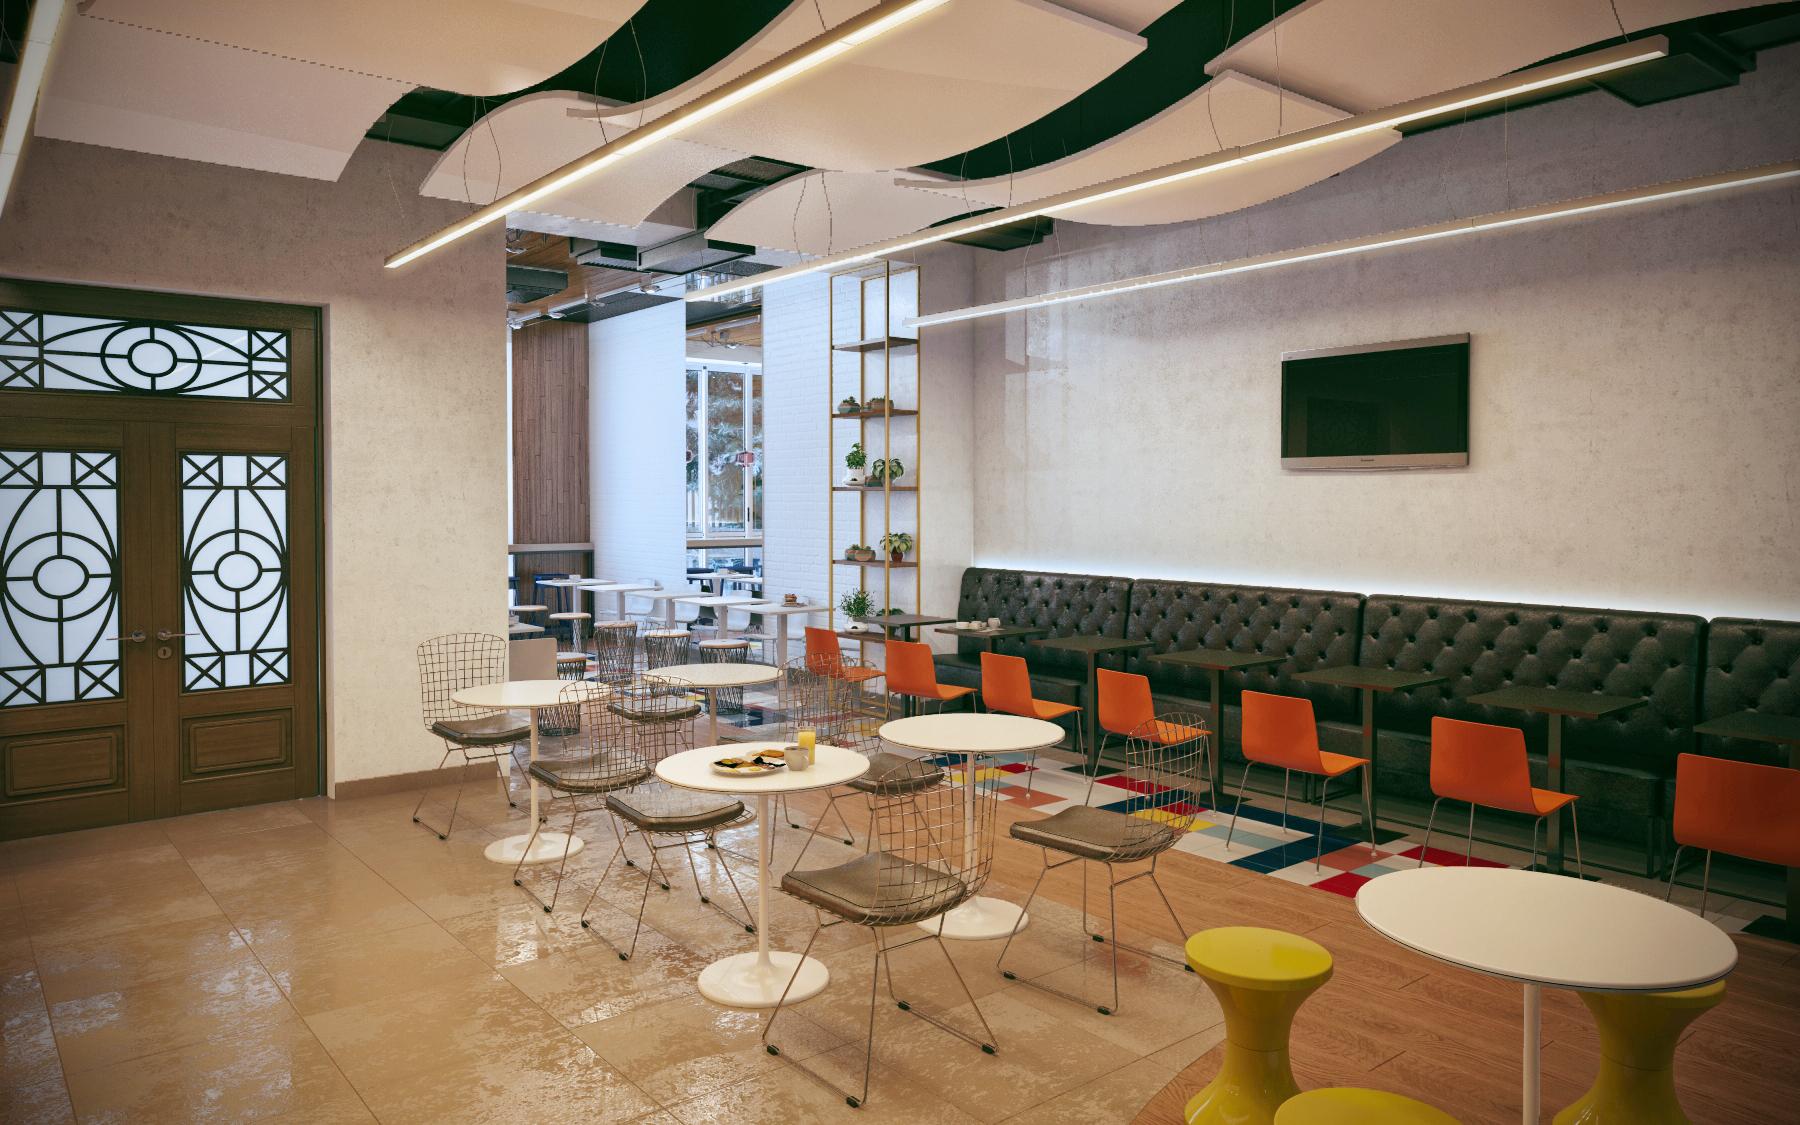 Дизайн сети кафе Дёнер